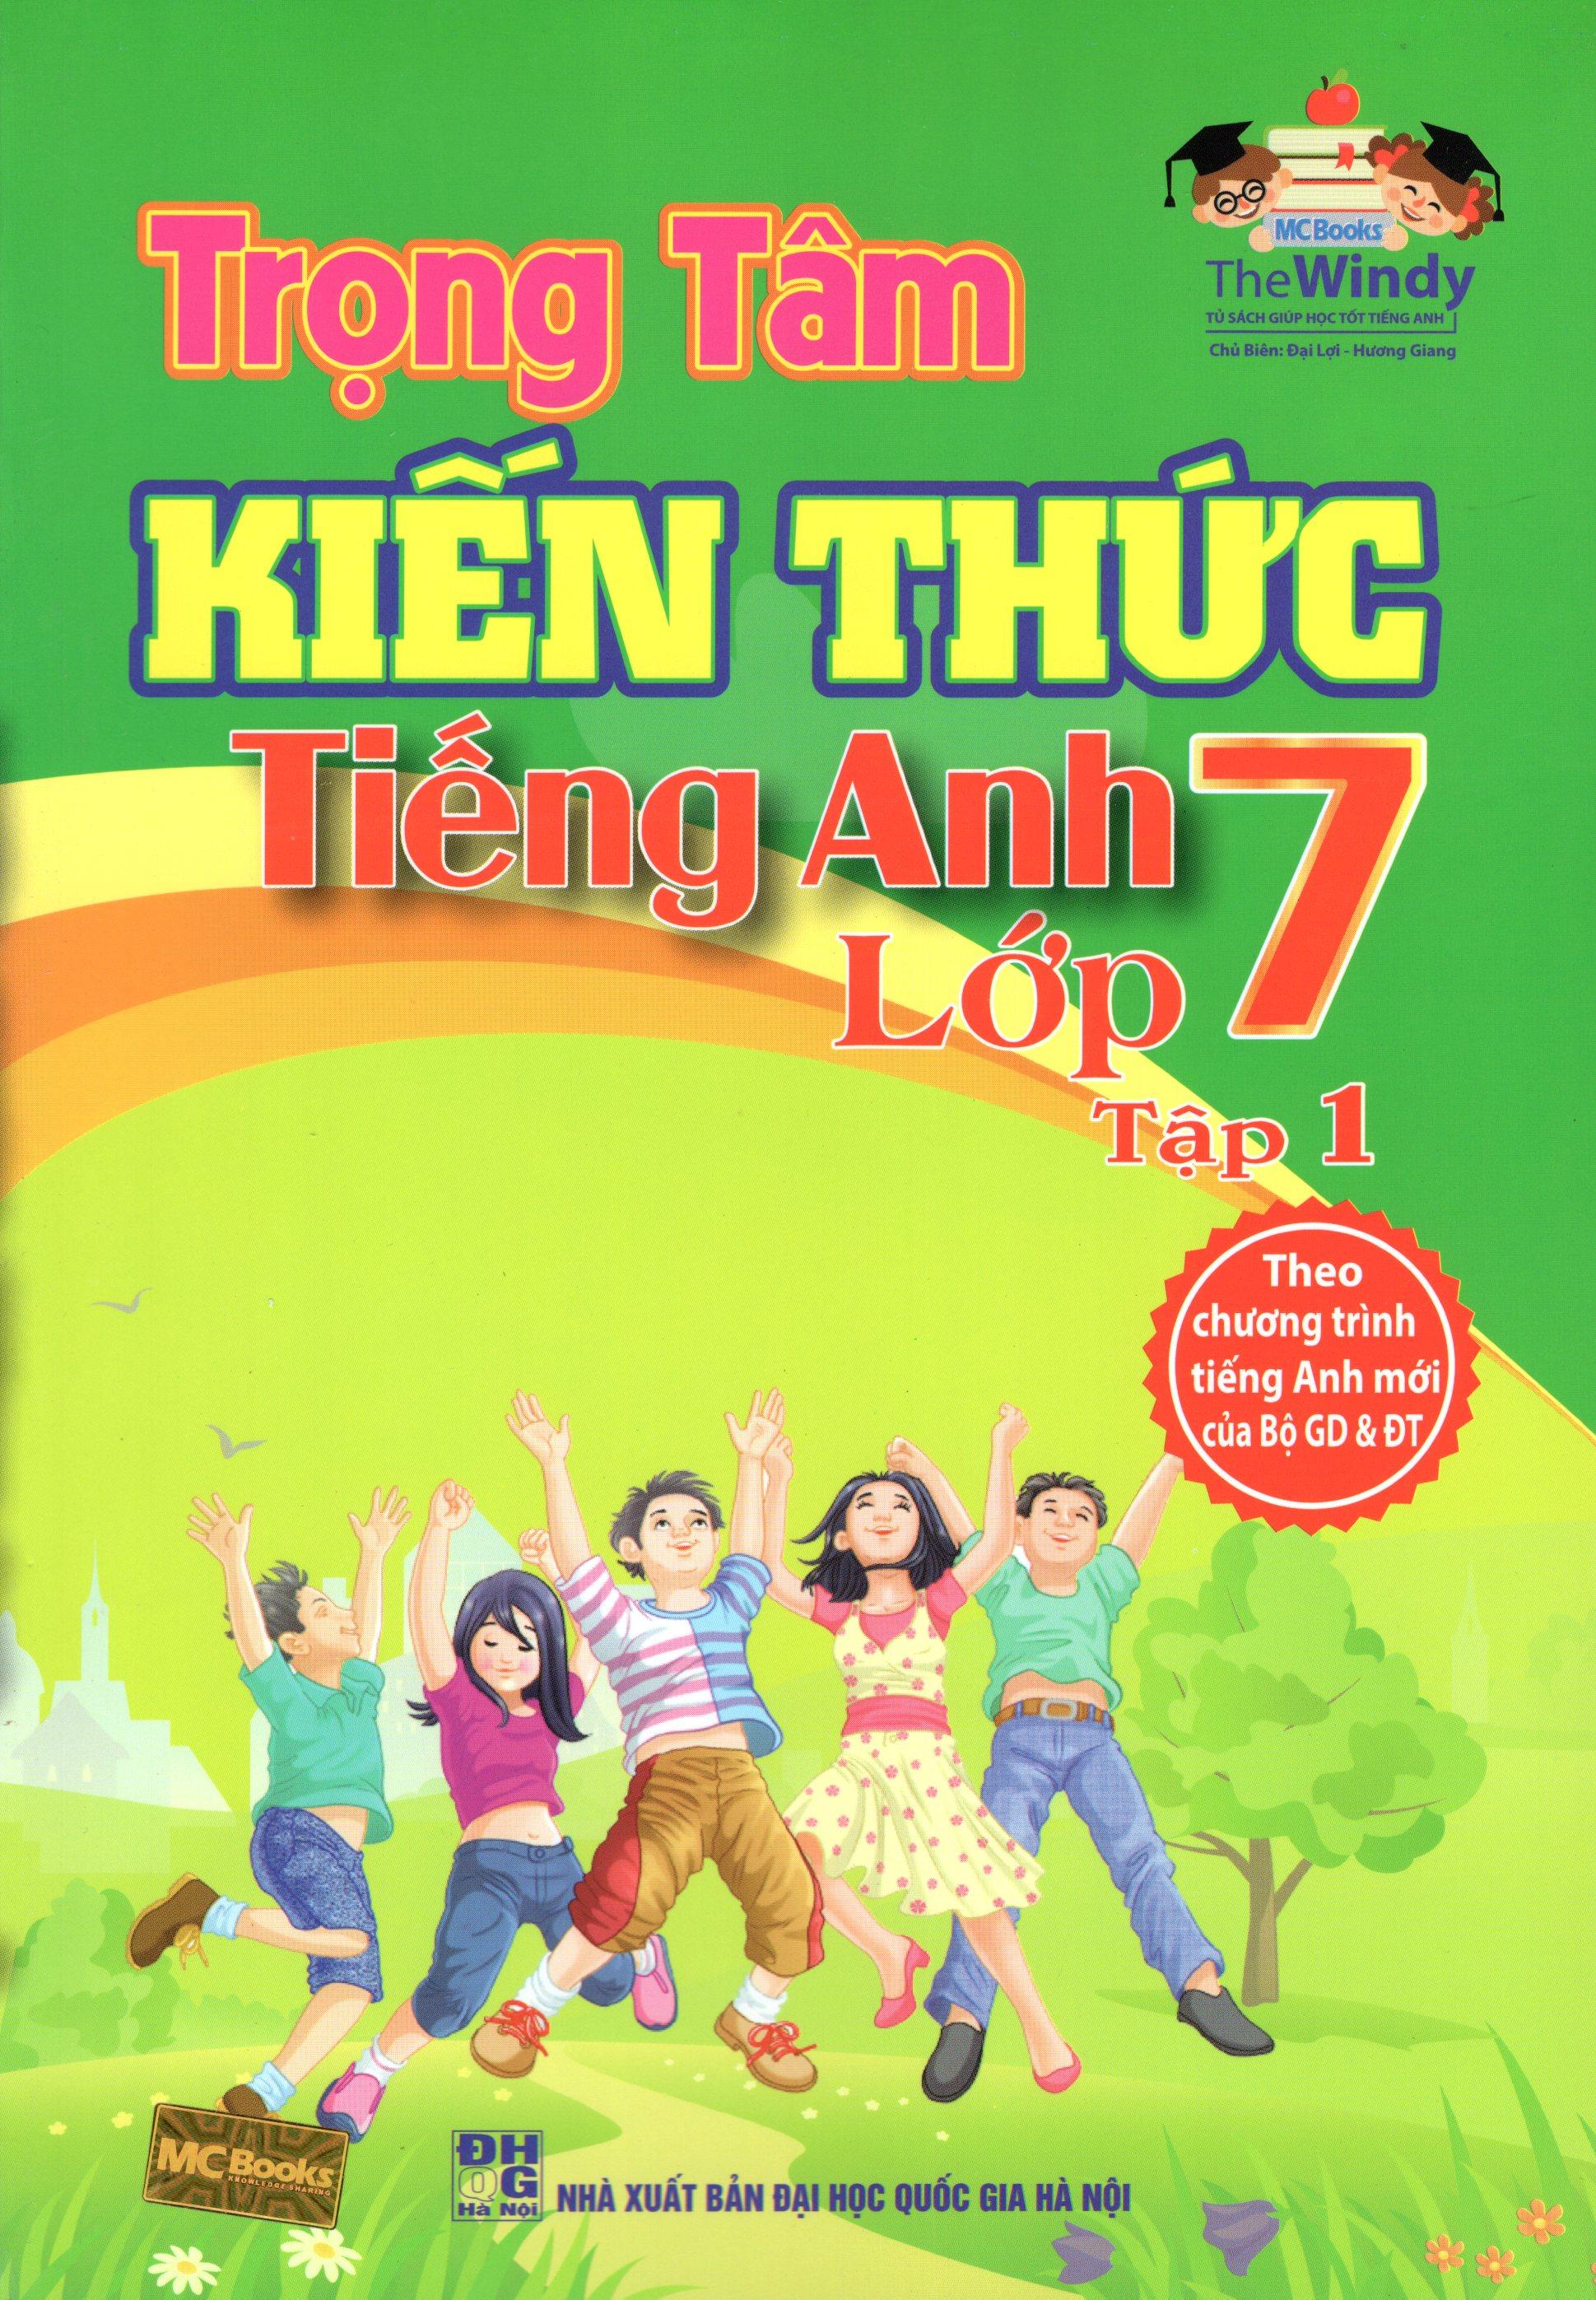 Bìa sách Trọng Tâm Kiến Thức Tiếng Anh Lớp 7 (Tập 1)